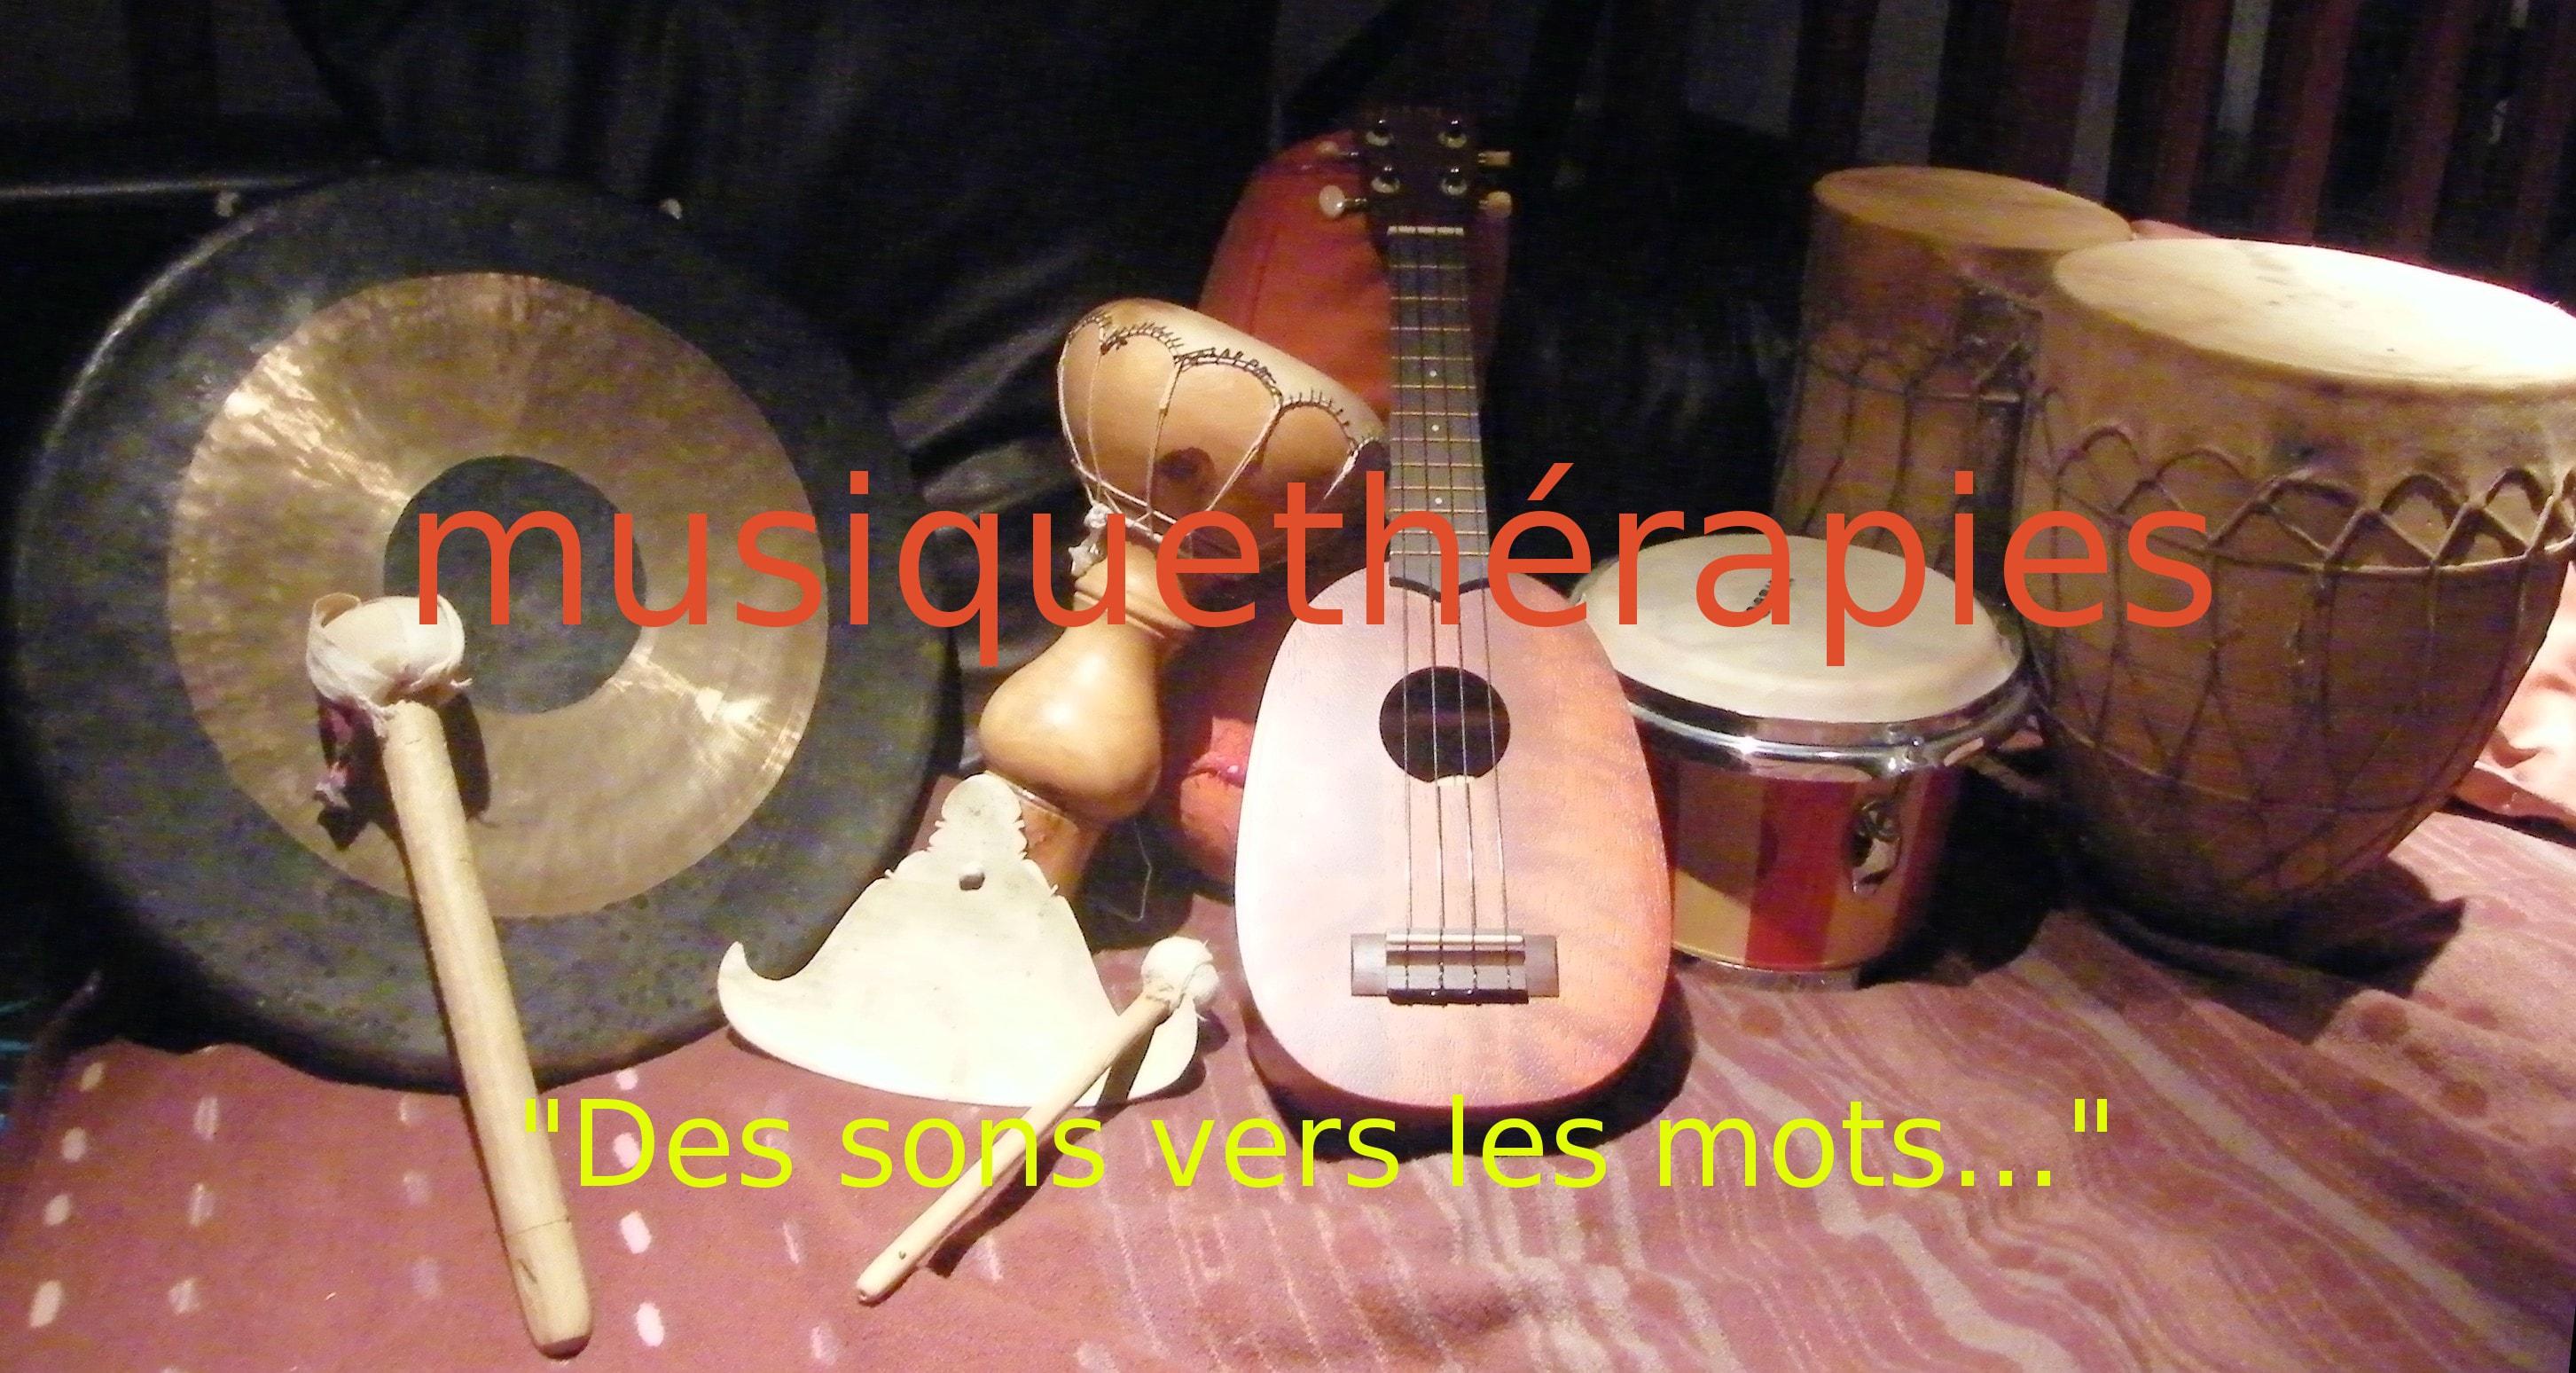 Musiquetherapies